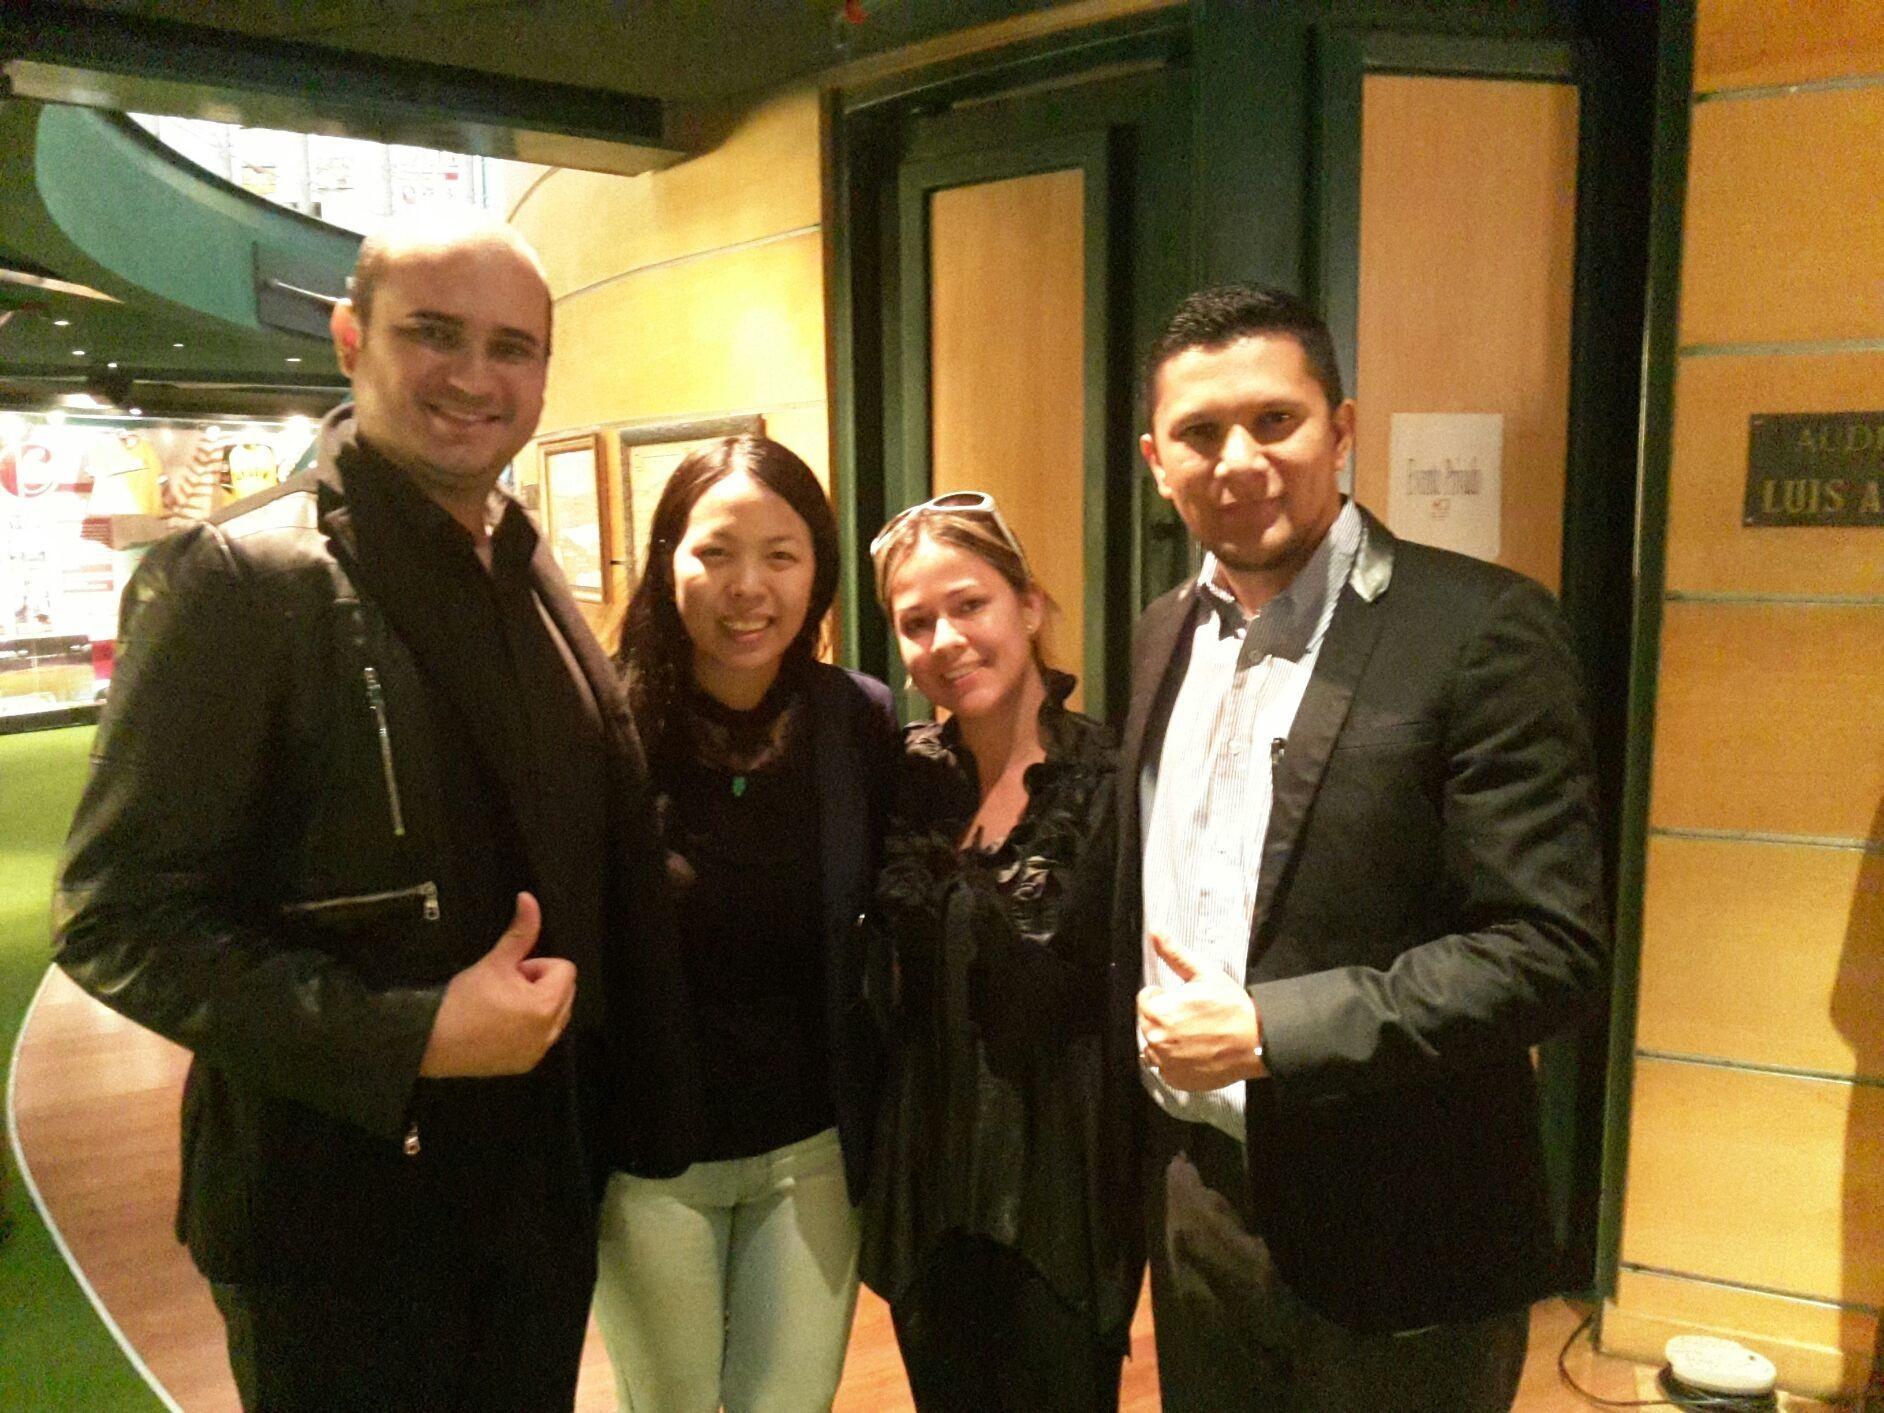 Compartiendo en el taller de Marketing Digital 3.0 con Yi Min Shum, Johanna Parra, Jhonnan Oropeza y Javier Rumbos. Valencia - Vzla